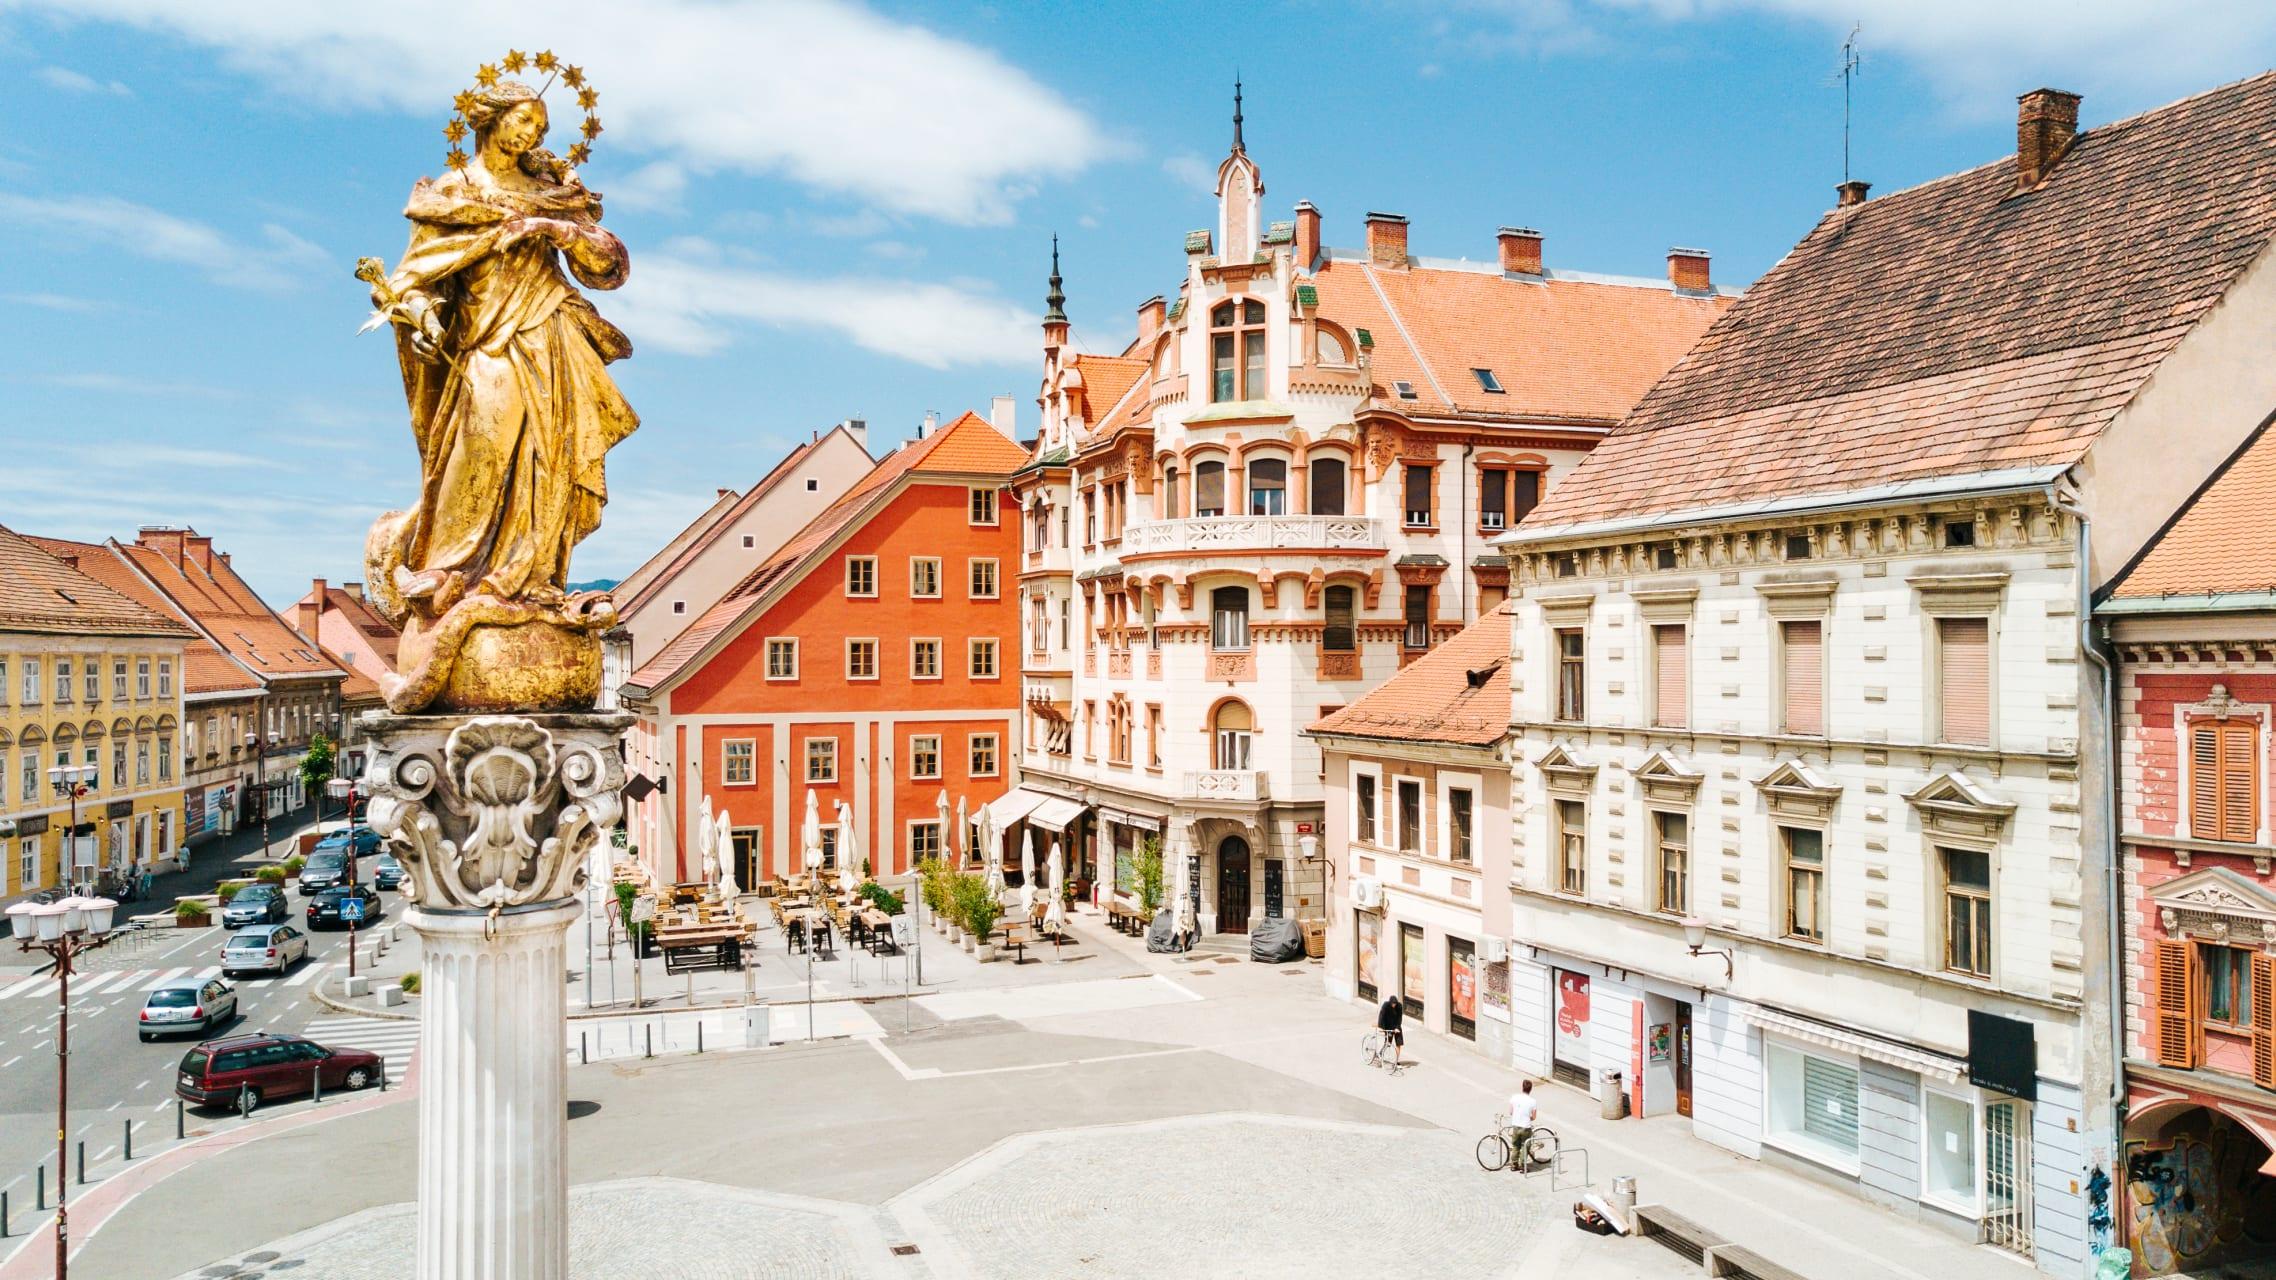 Maribor - Maribor's Turbulent Past: Between Jews, Catholics, Nazis and Partisans